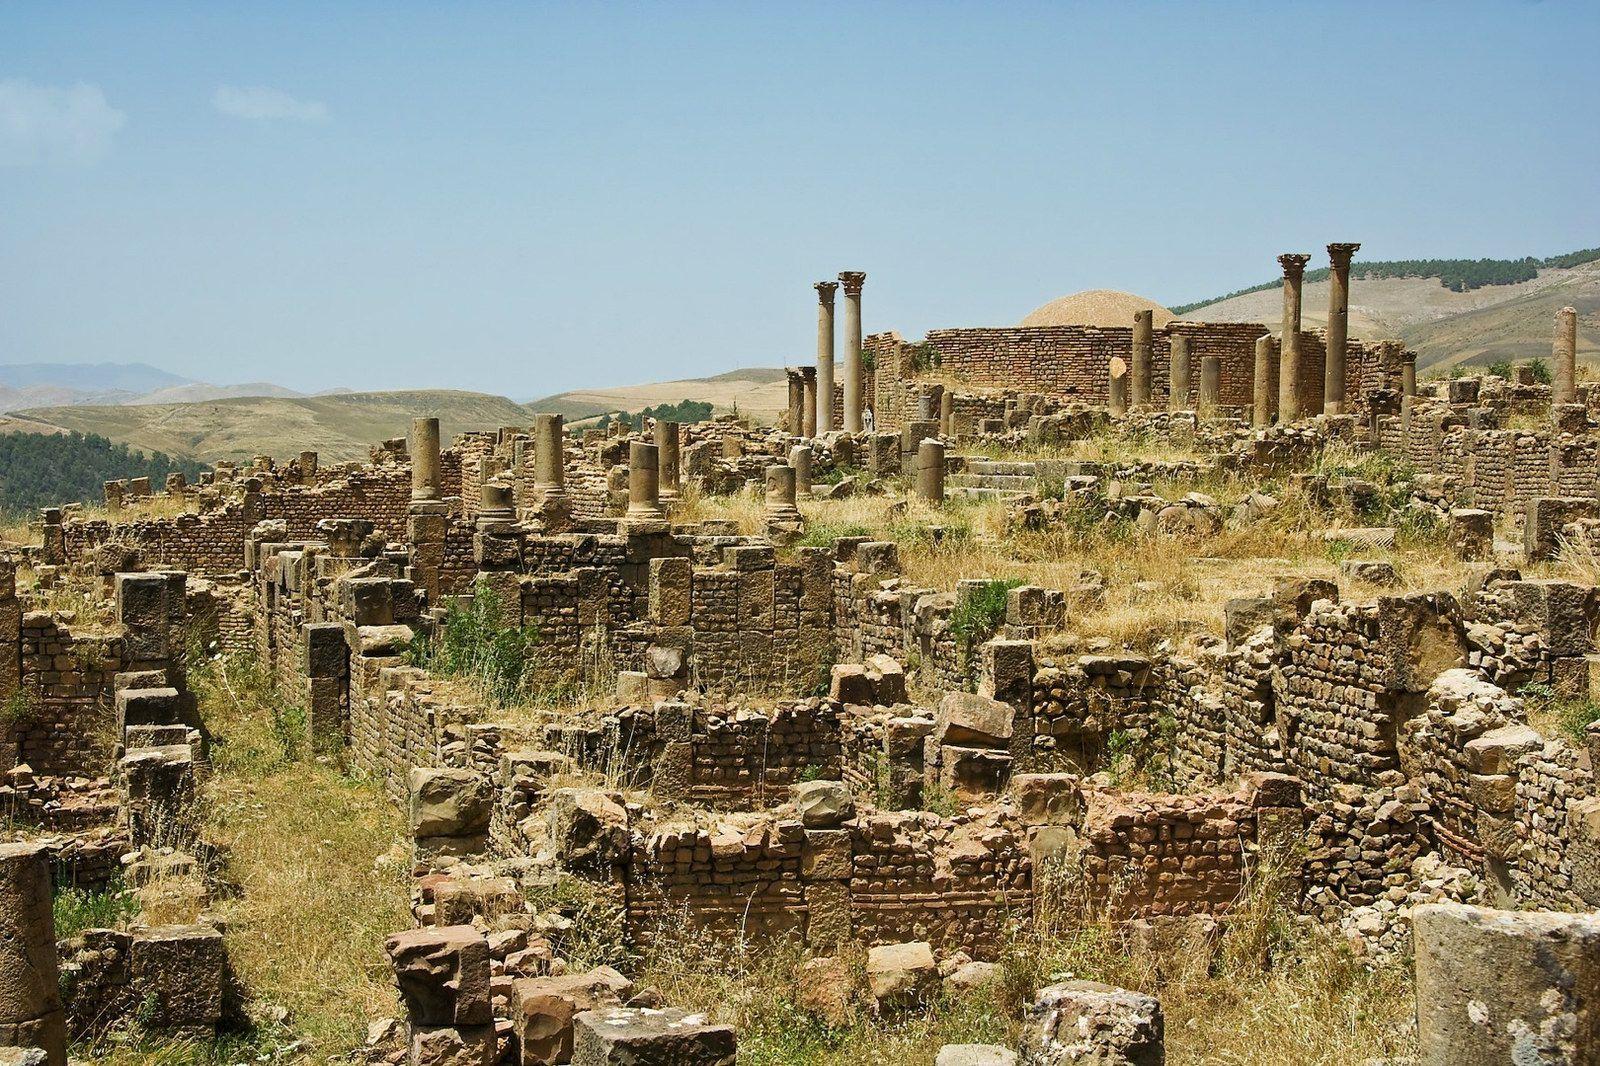 بالصور اهم المناطق السياحية في الجزائر بالصور 124454 4